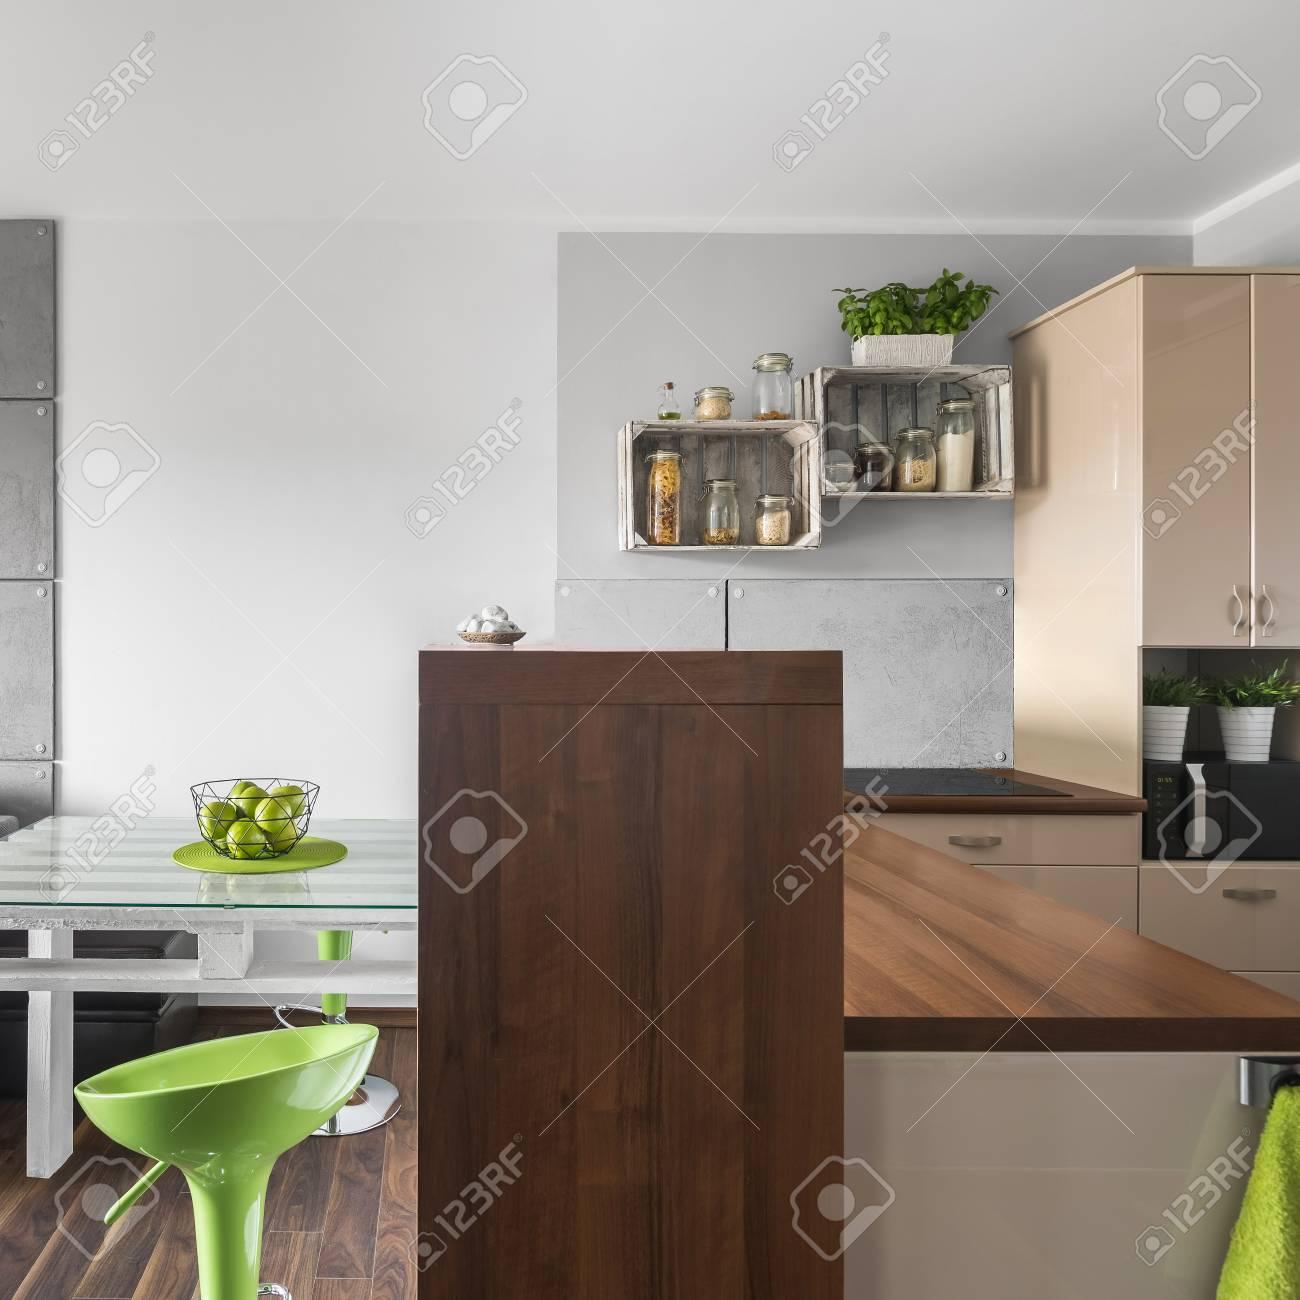 Klein Aber Stilvolle Kuche Verbunden Wohnzimmer Design Lizenzfreie